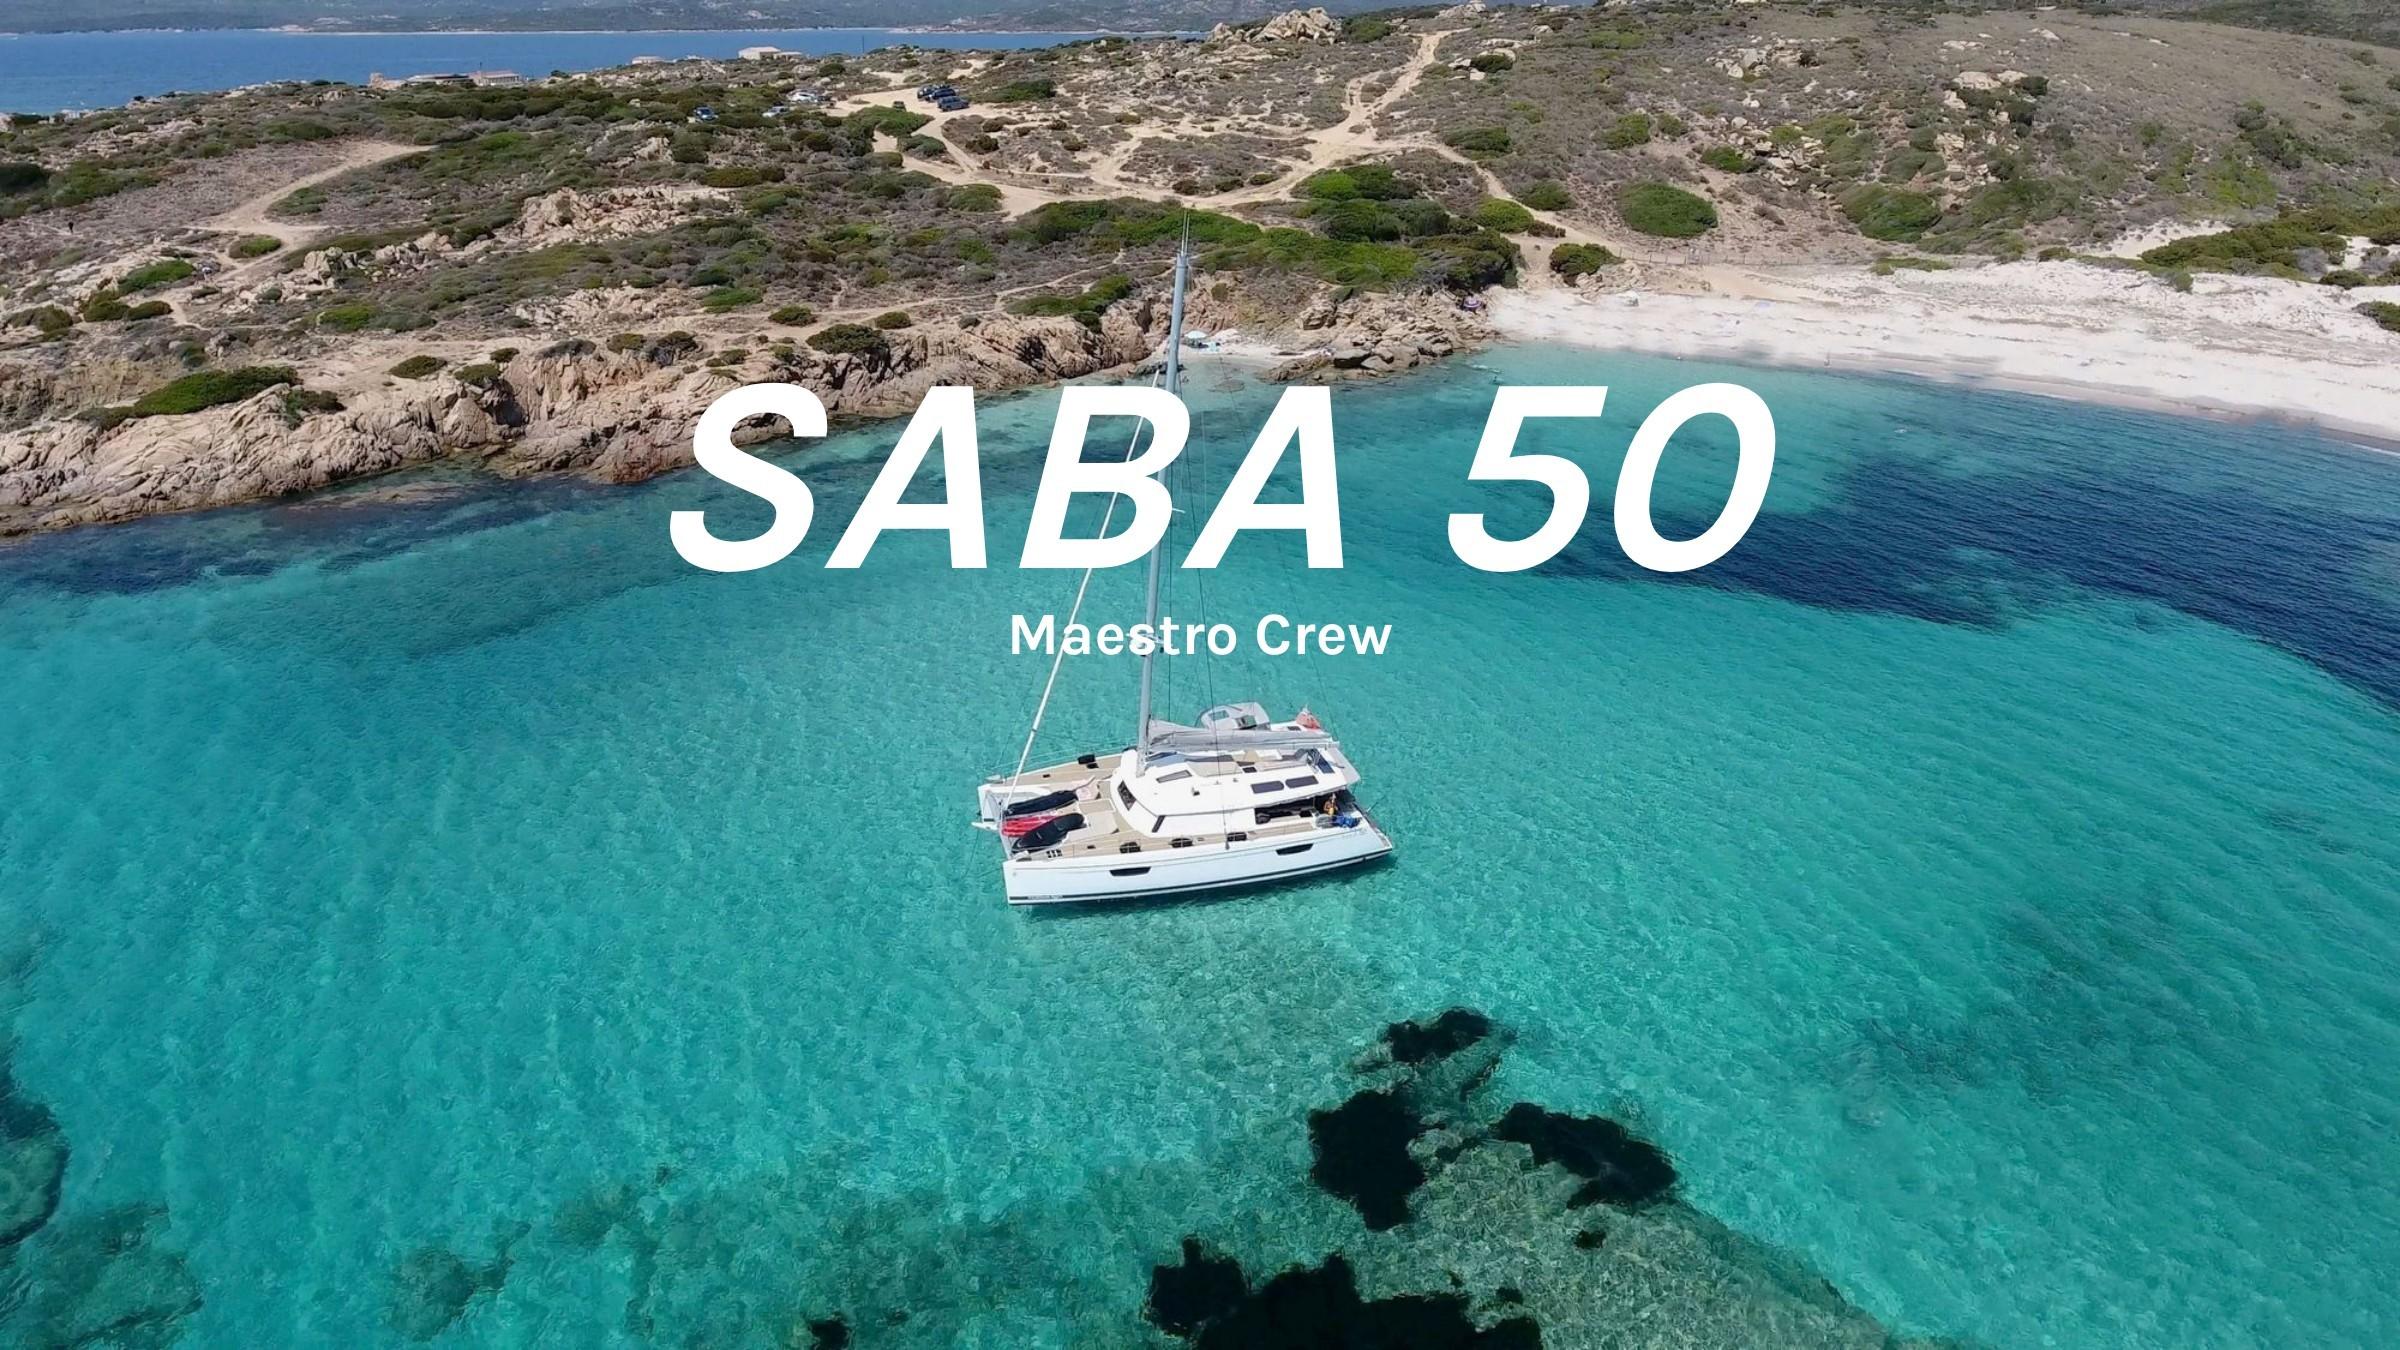 Saba 50 Maestro Crew - 2018